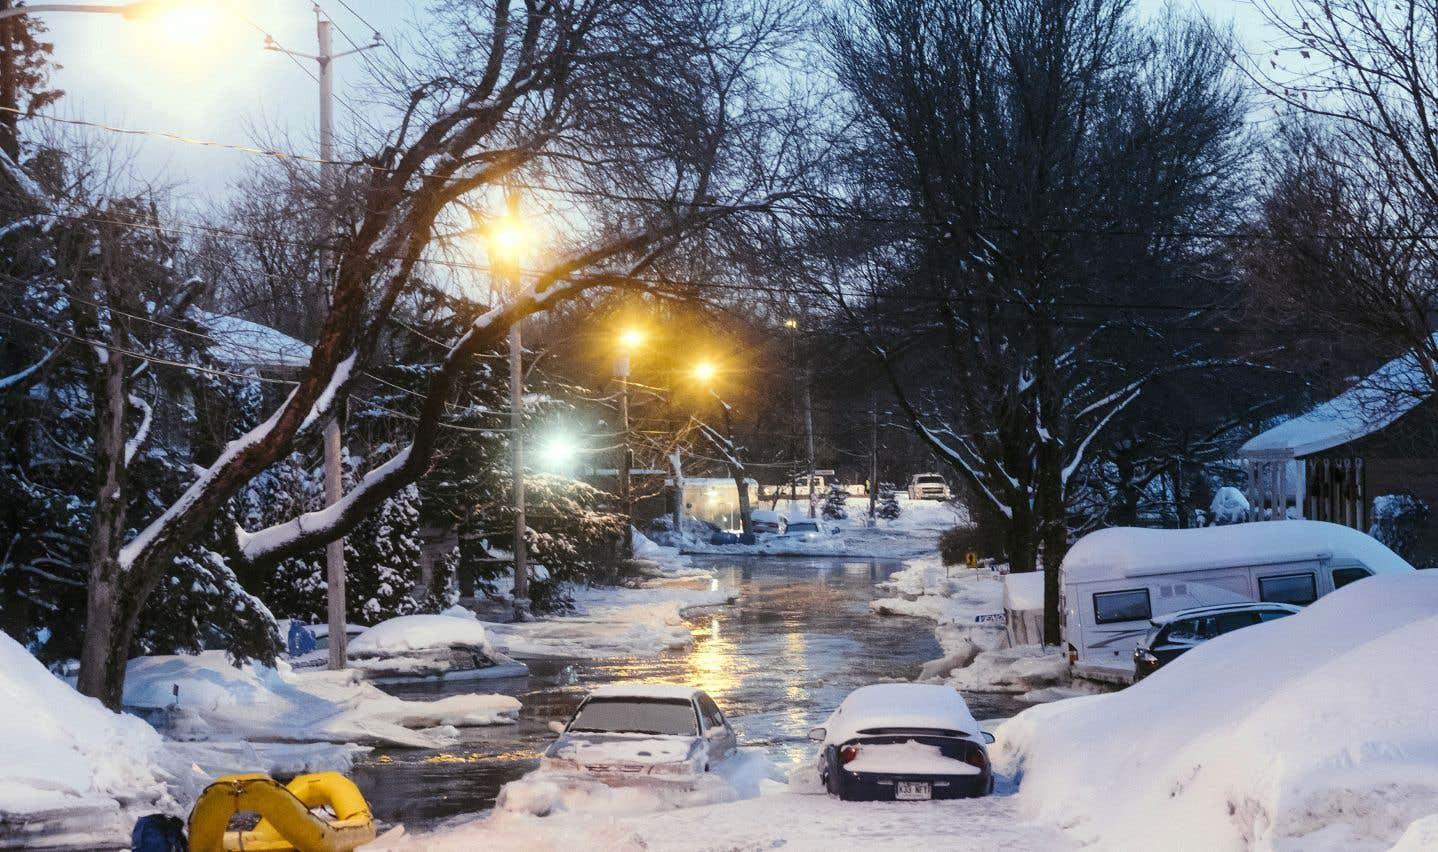 Inondation à Québec: des sinistrés espèrent l'aide du gouvernement